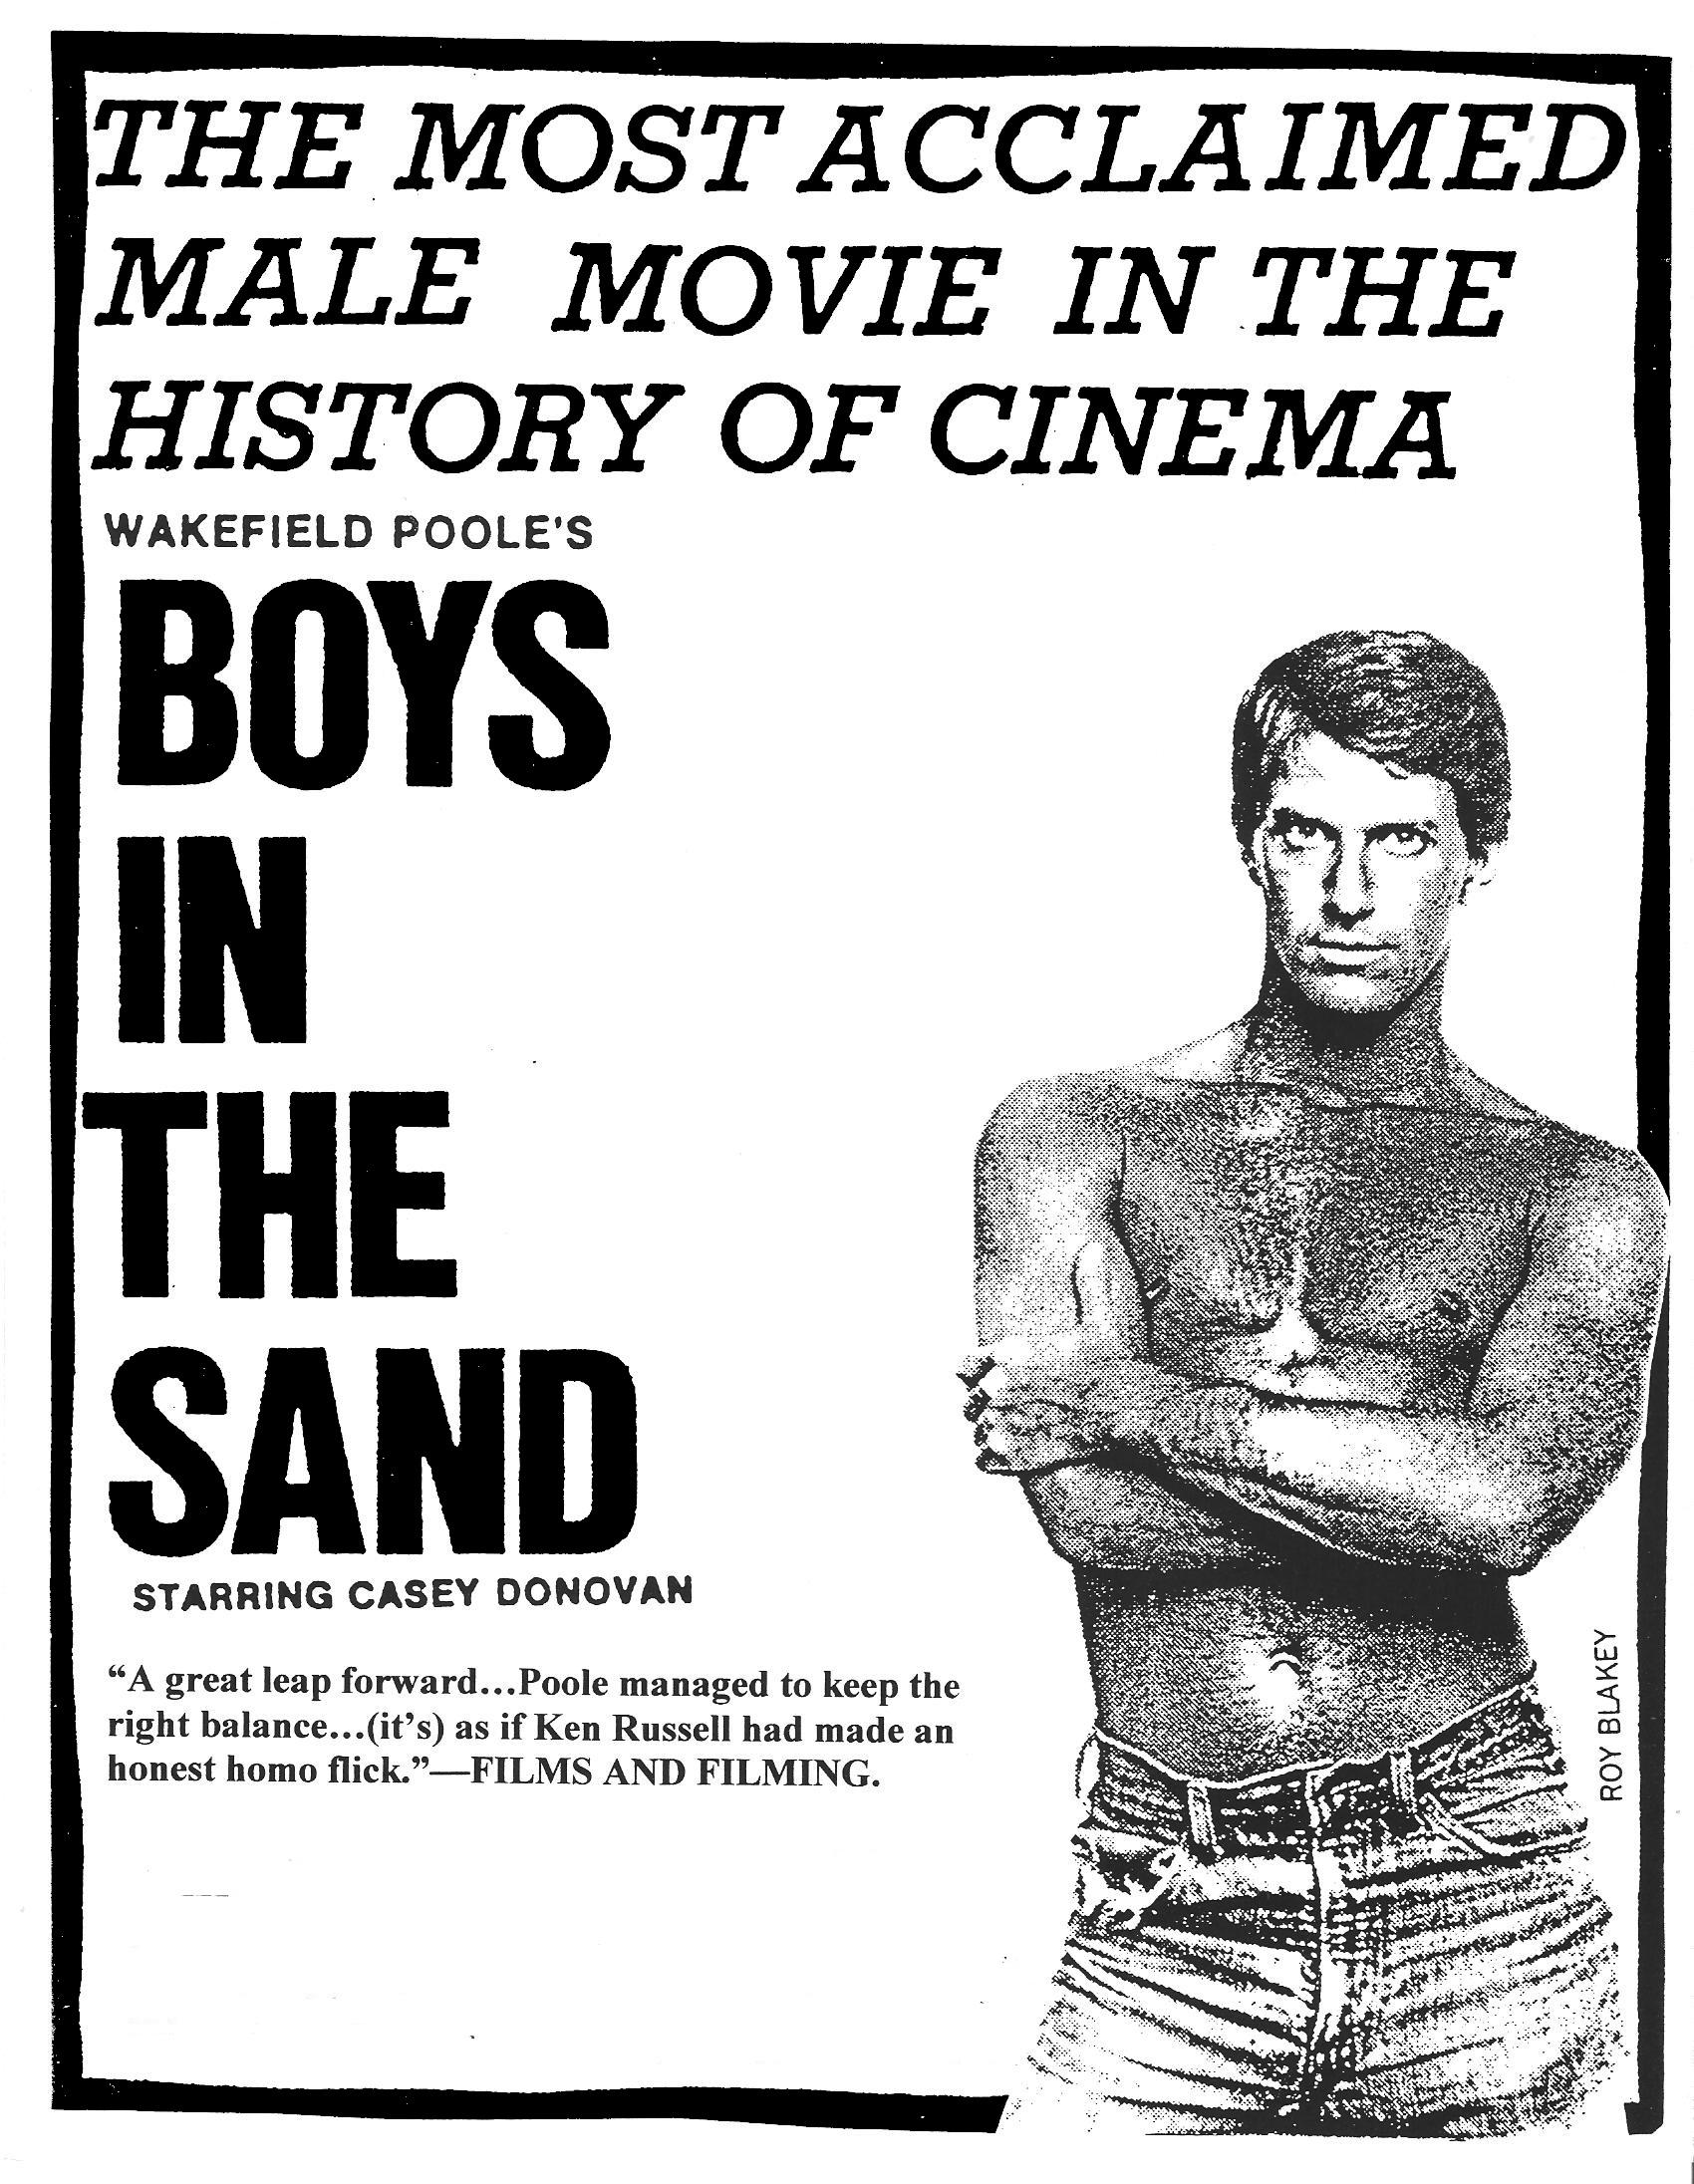 BOYS-IN-THE-SAND.jpg